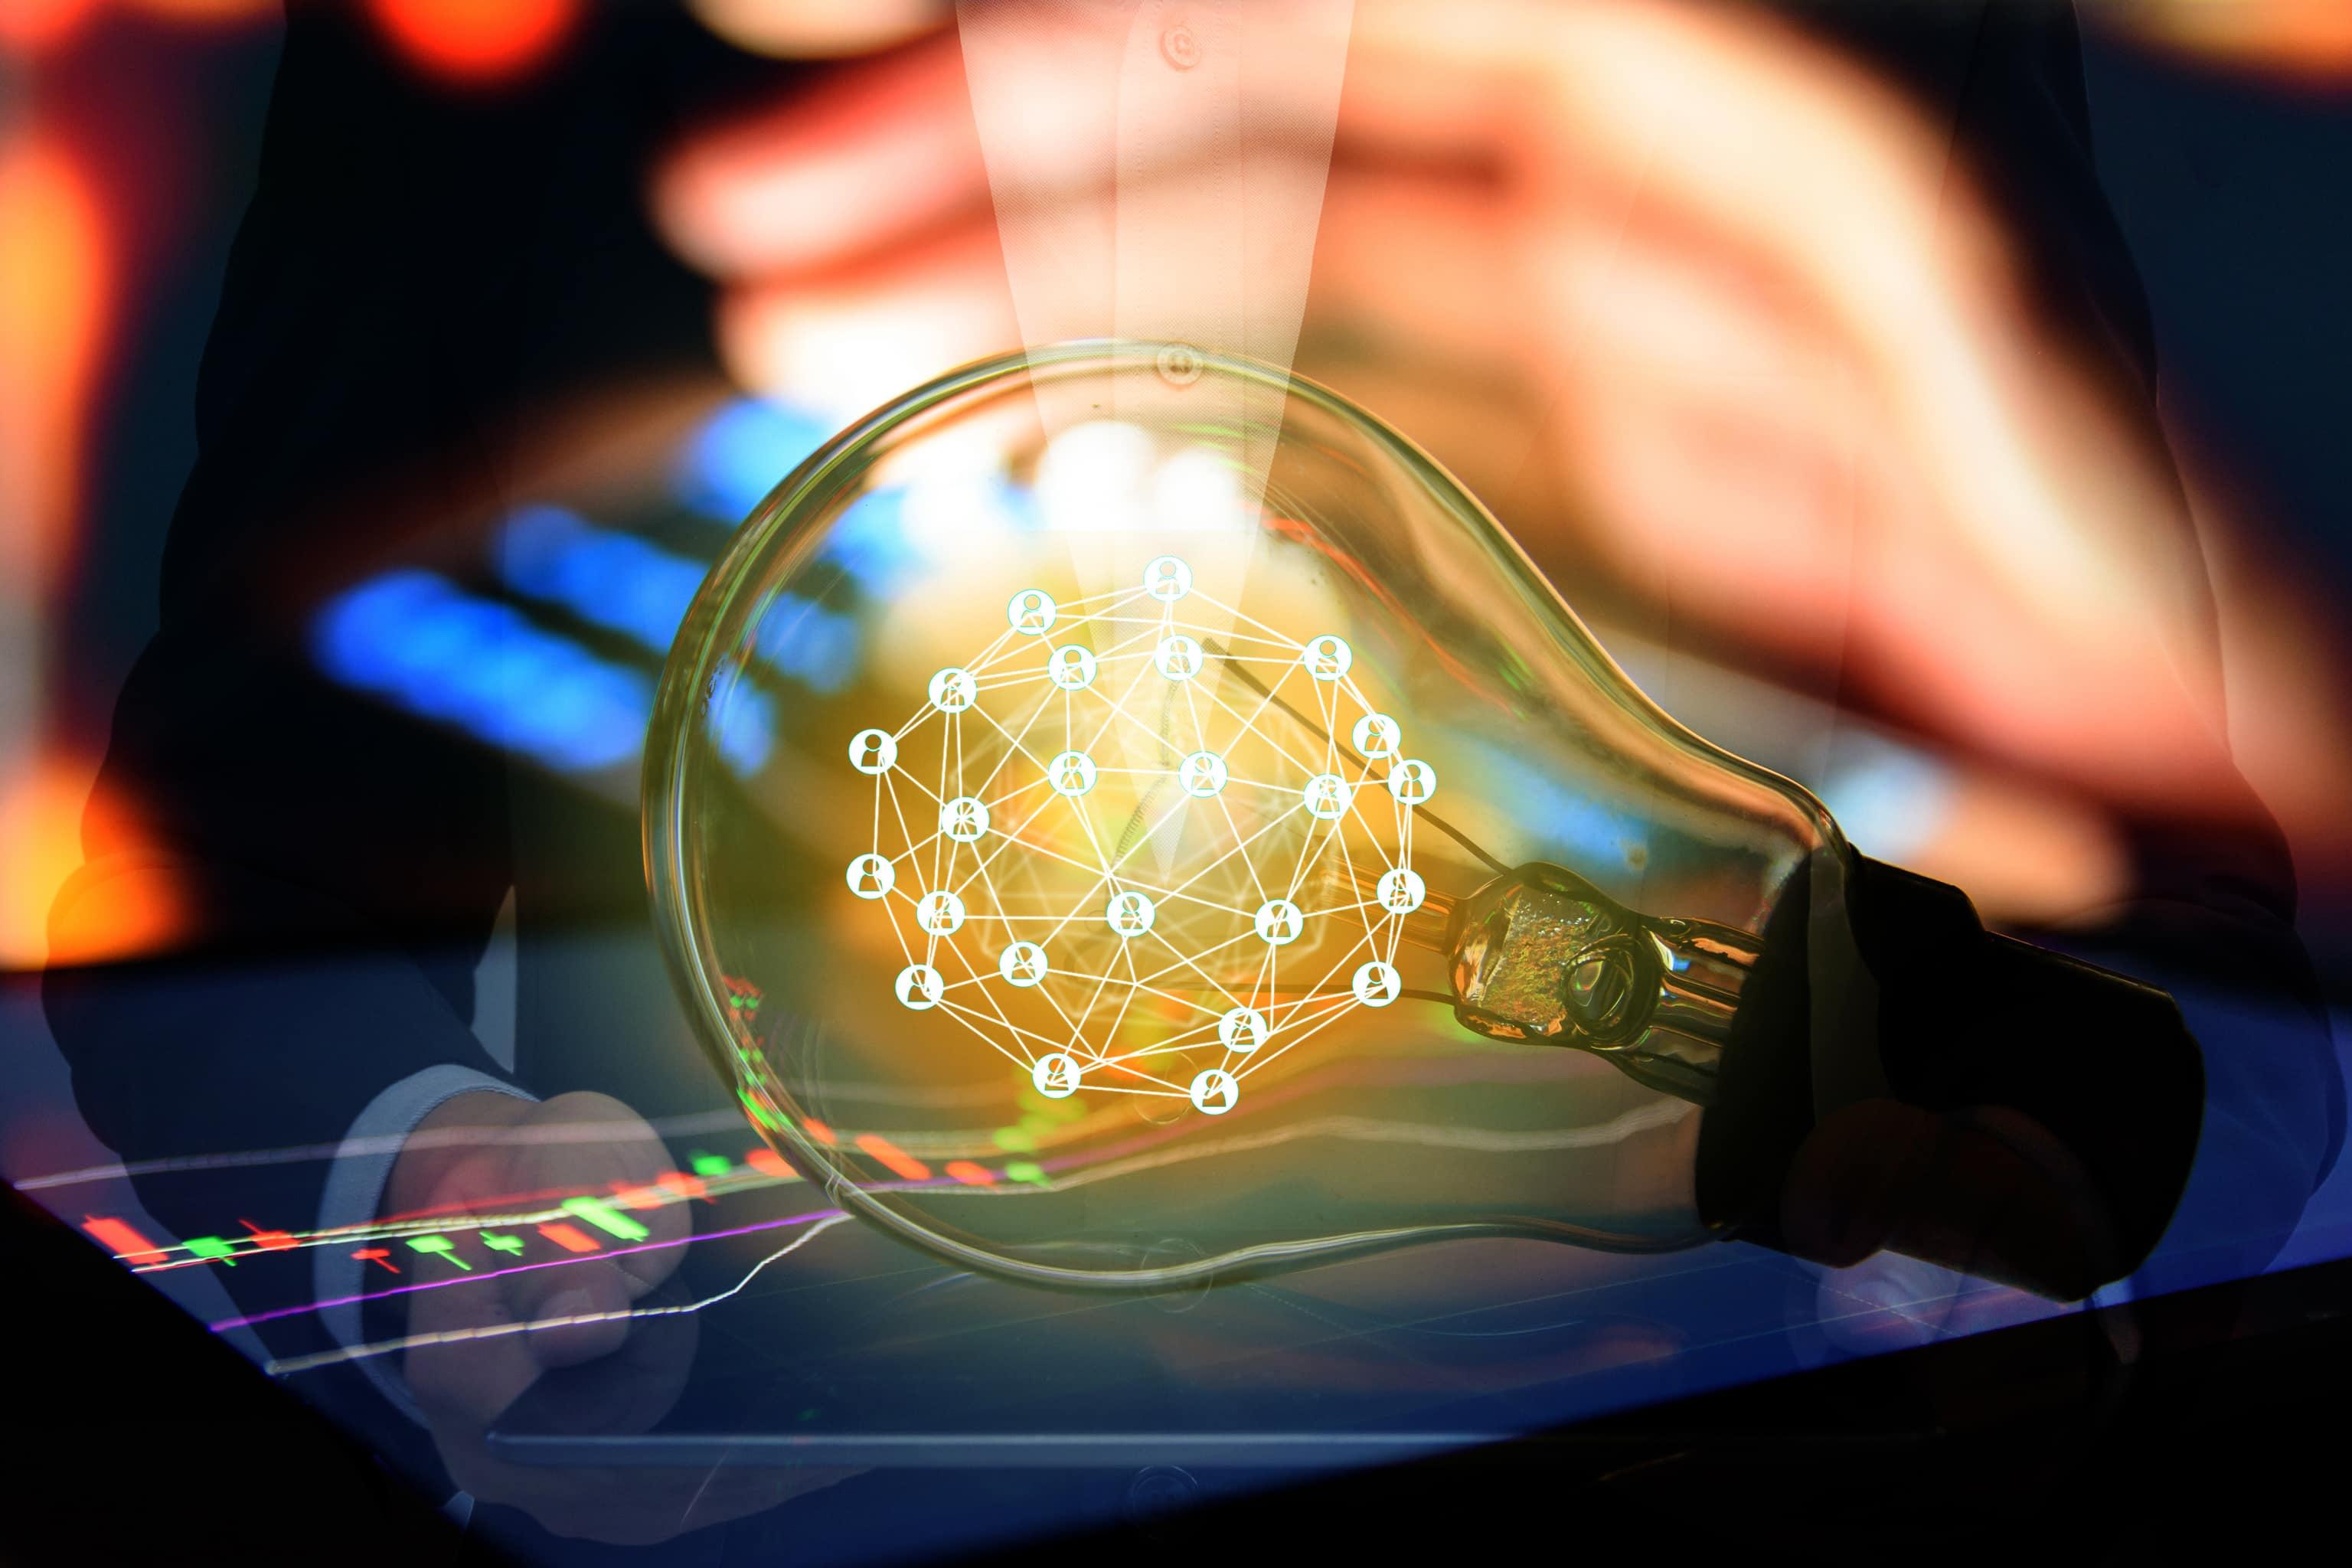 Wertpapierhandel neu gedacht: STO-Plattform Cashlink und CashOnLedger bringen Wertpapiere auf die Blockchain